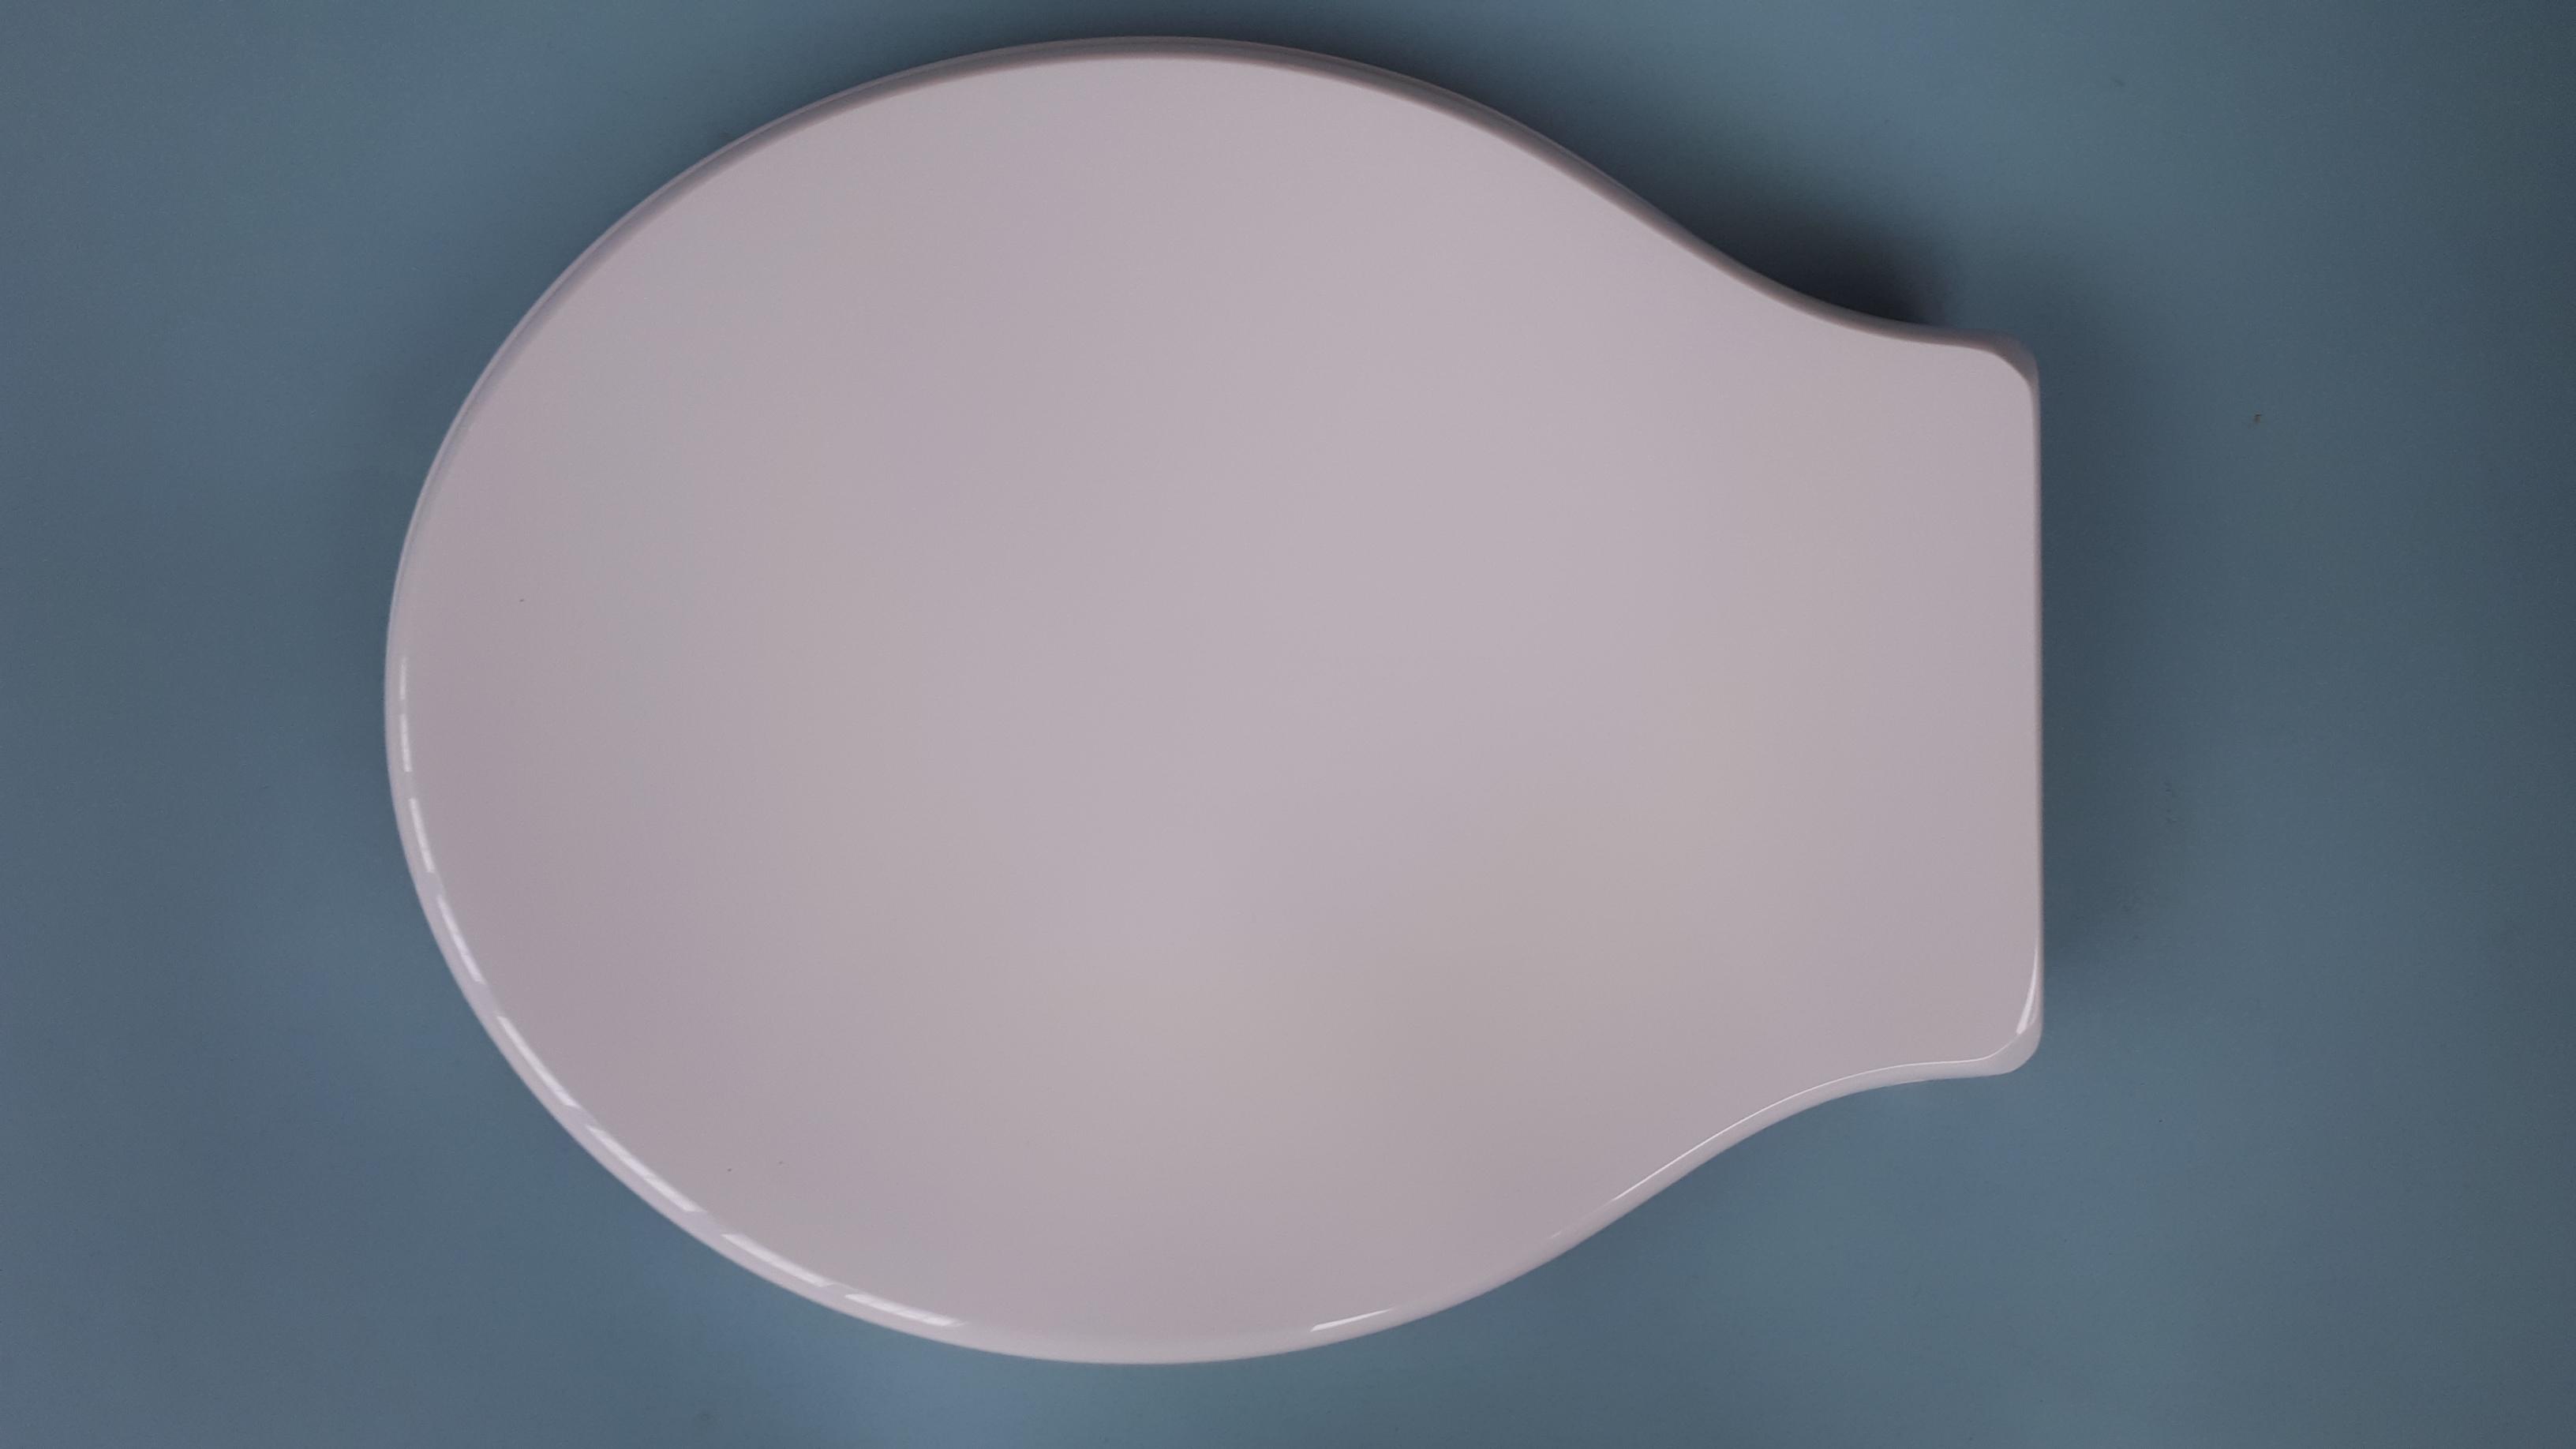 Ceramica Dolomite Zelig Prezzi.Sedile Wc Copriwater Per Modello Zelig Marca Dolomite Il Tuo Bagno